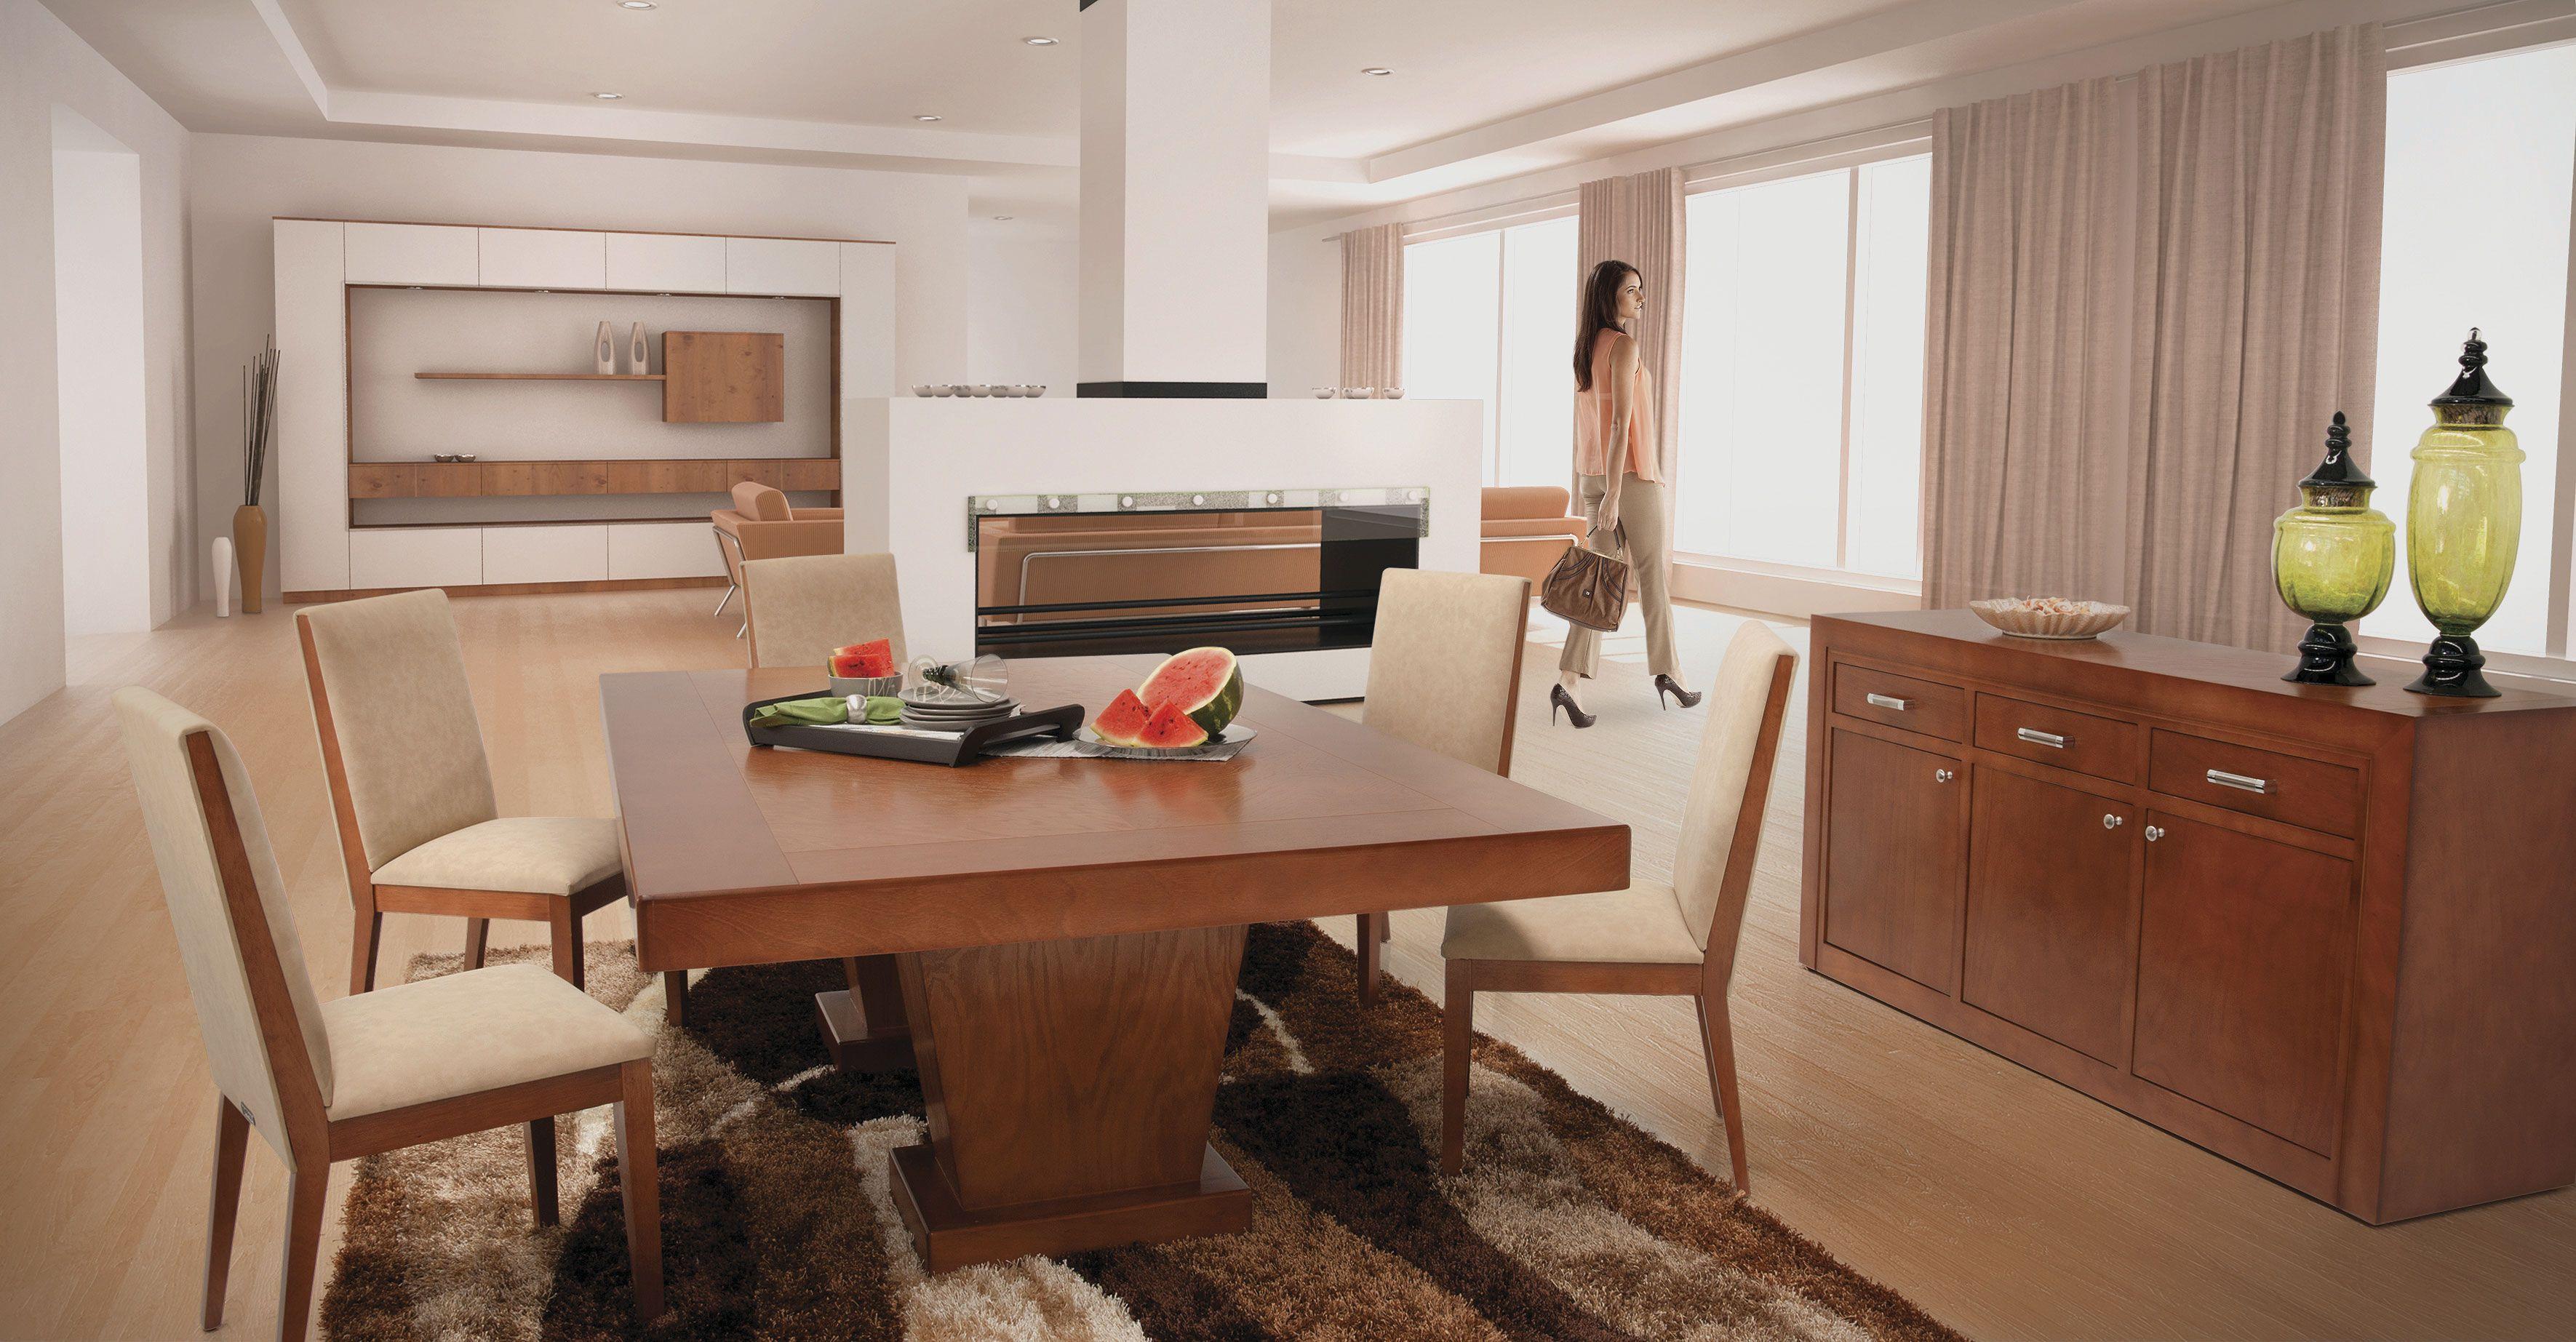 comedor dubay almendra de placencia muebles muebles ForMuebles Placencia